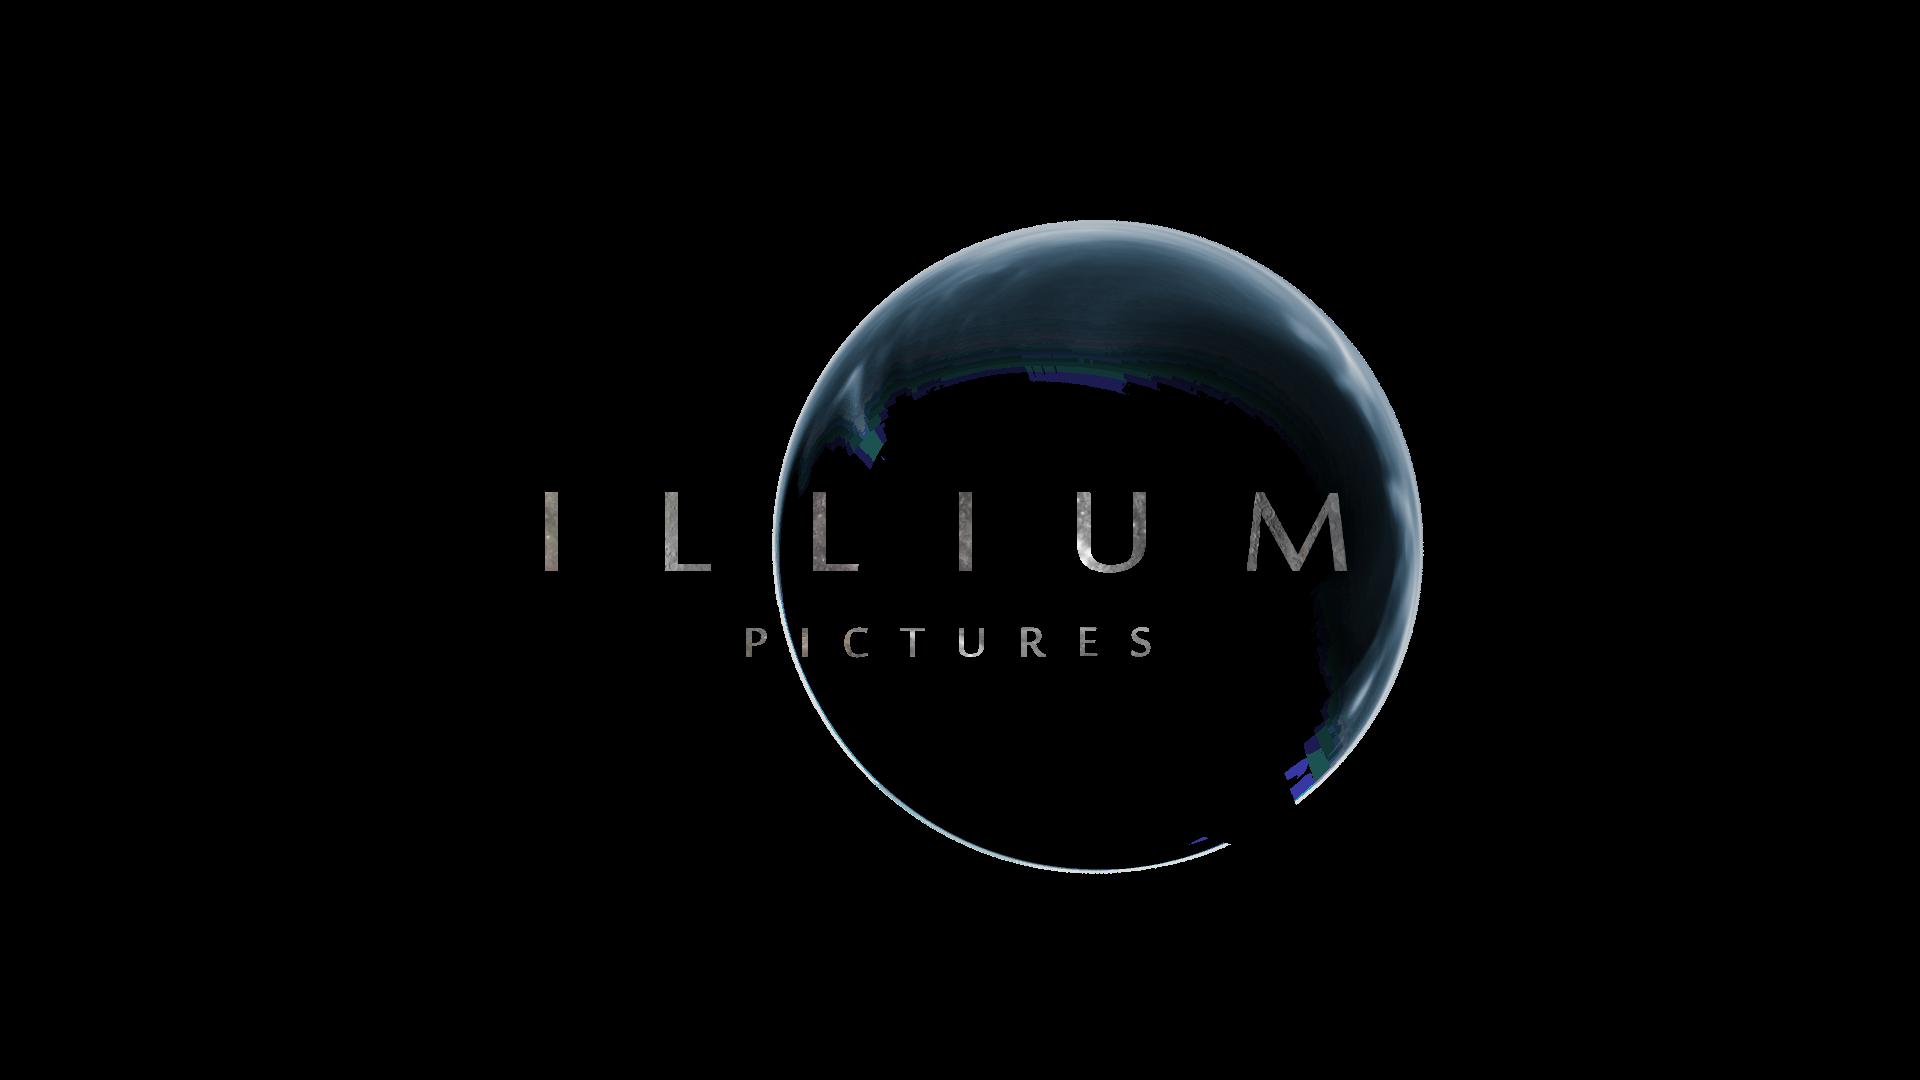 illiumLogoSplash2016_Alpha.png